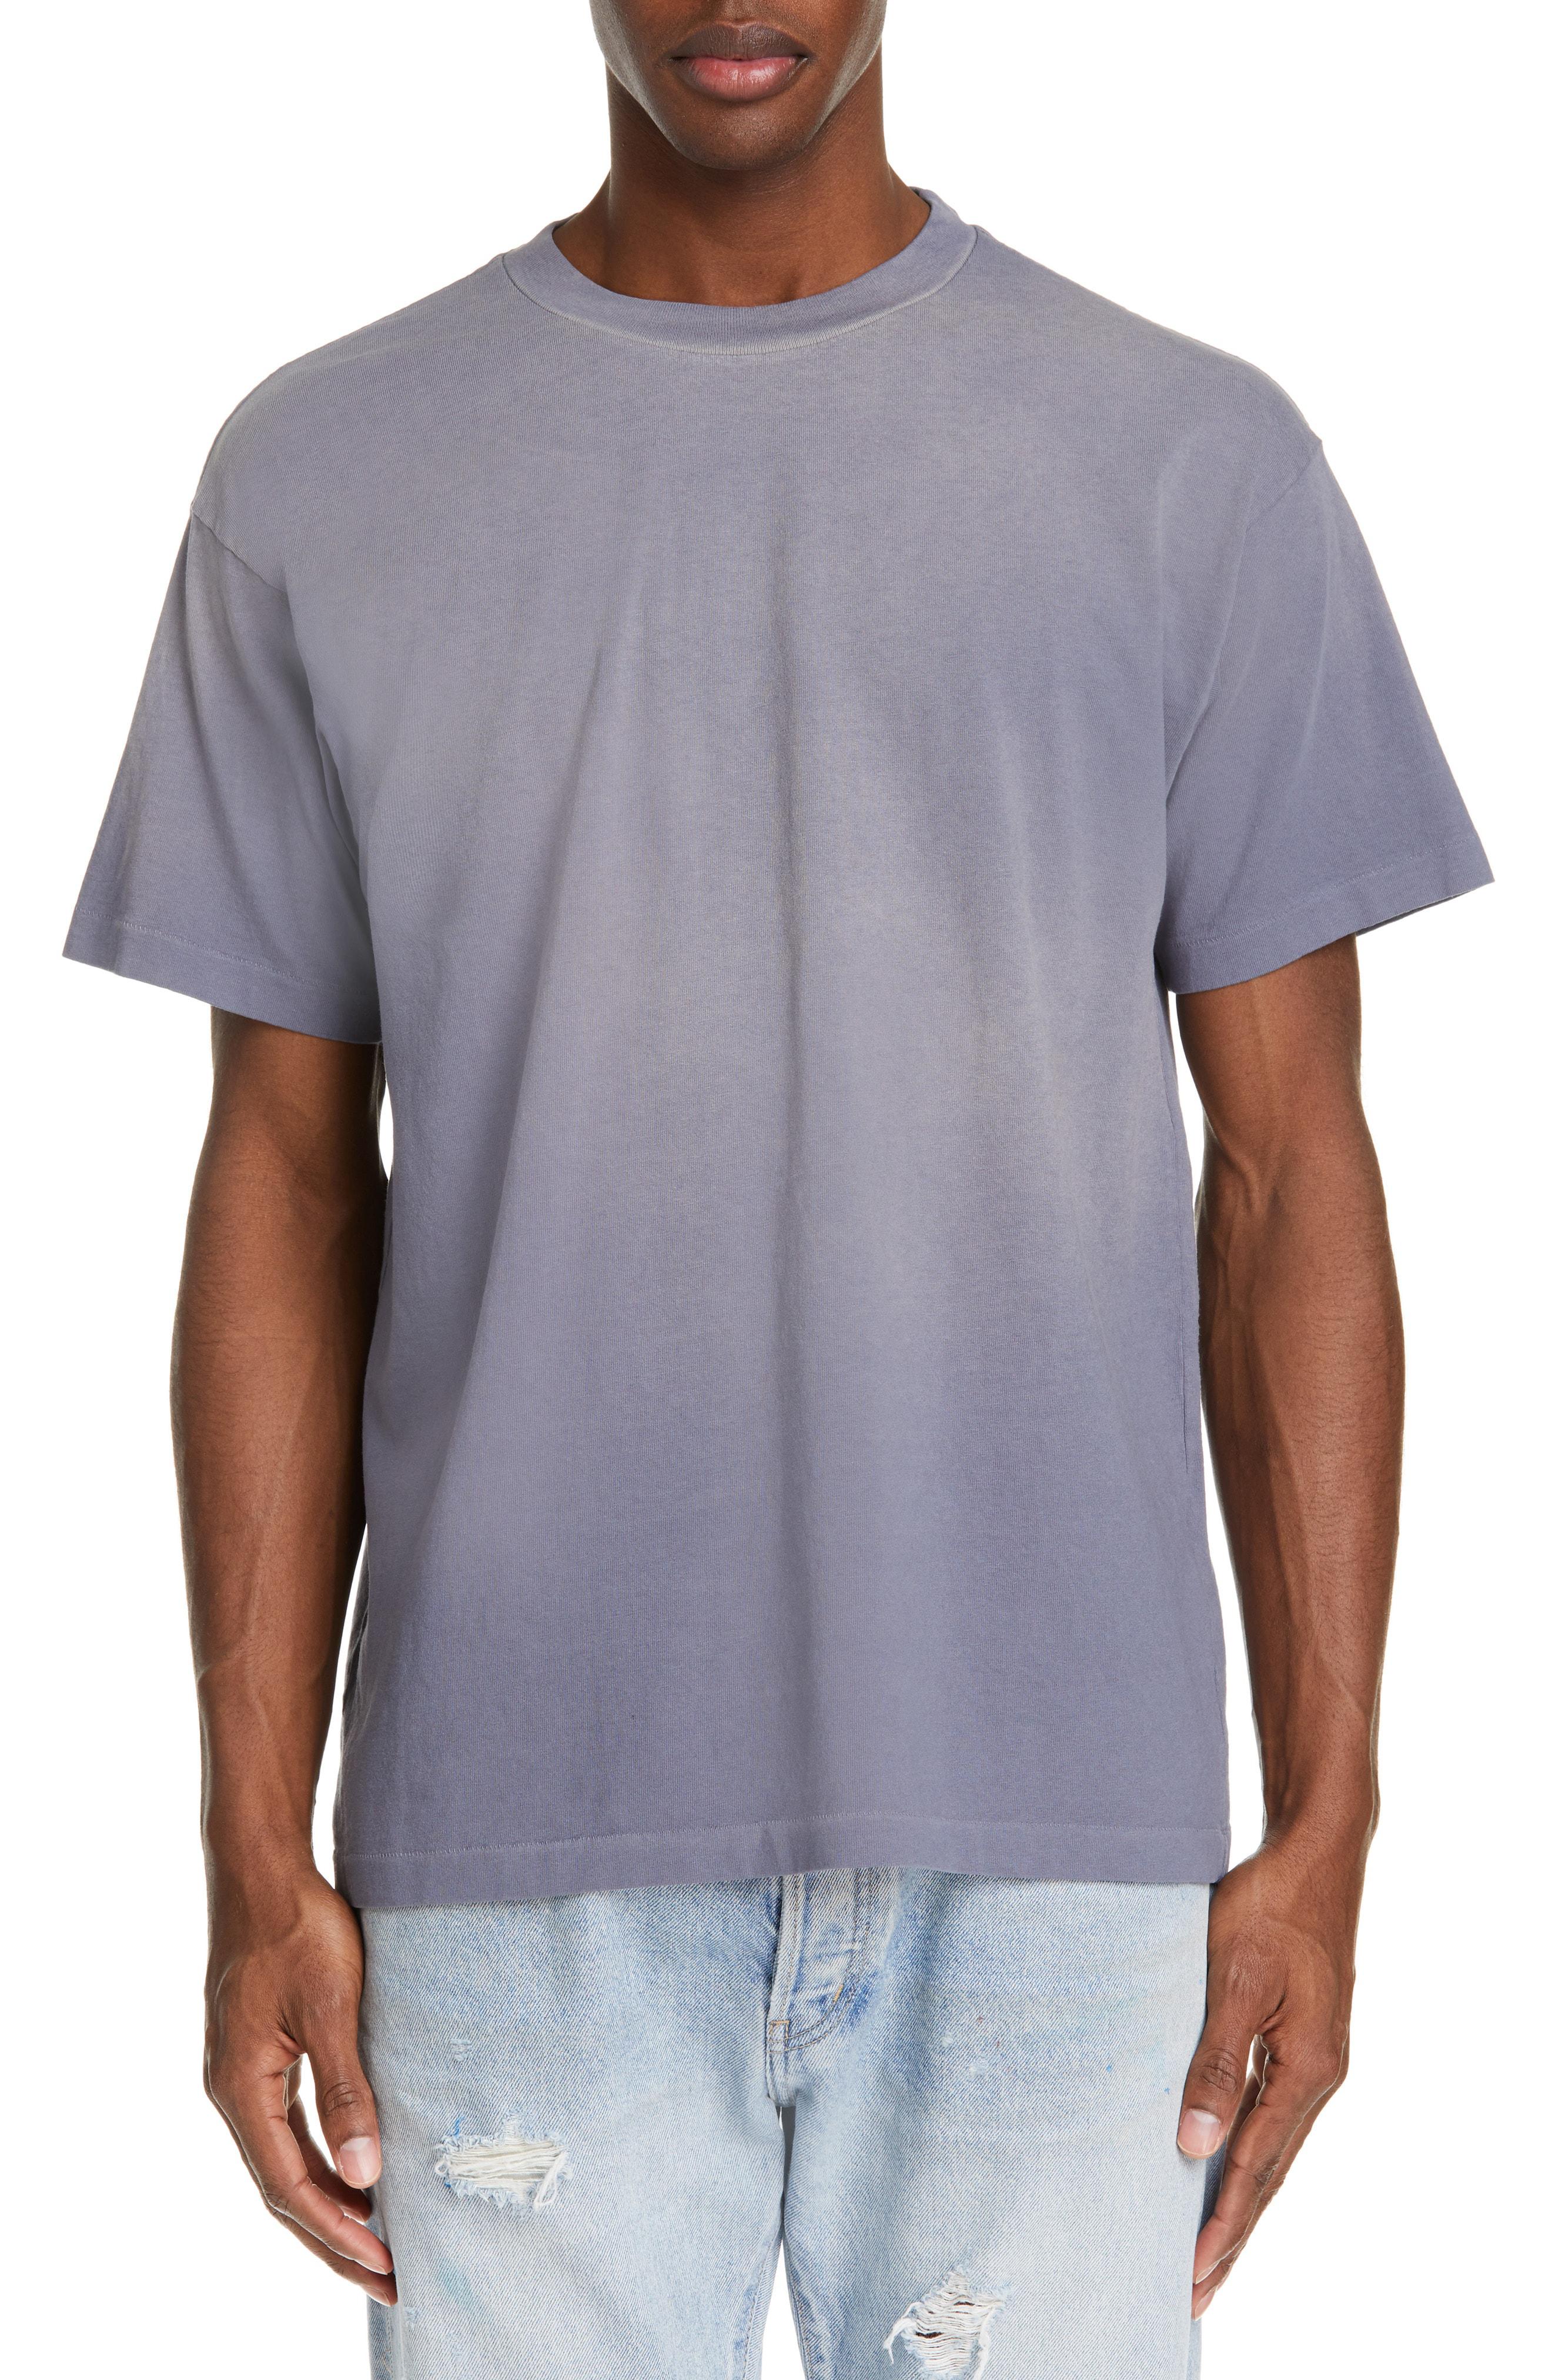 8ad0c0a7cb4 John Elliott Sundrenched University T-Shirt In Navy | ModeSens